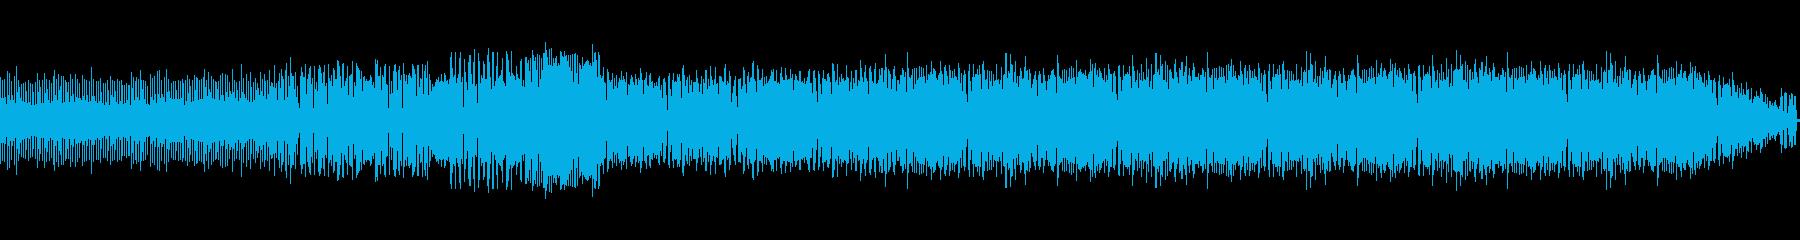 カッコいいClubサウンドの再生済みの波形